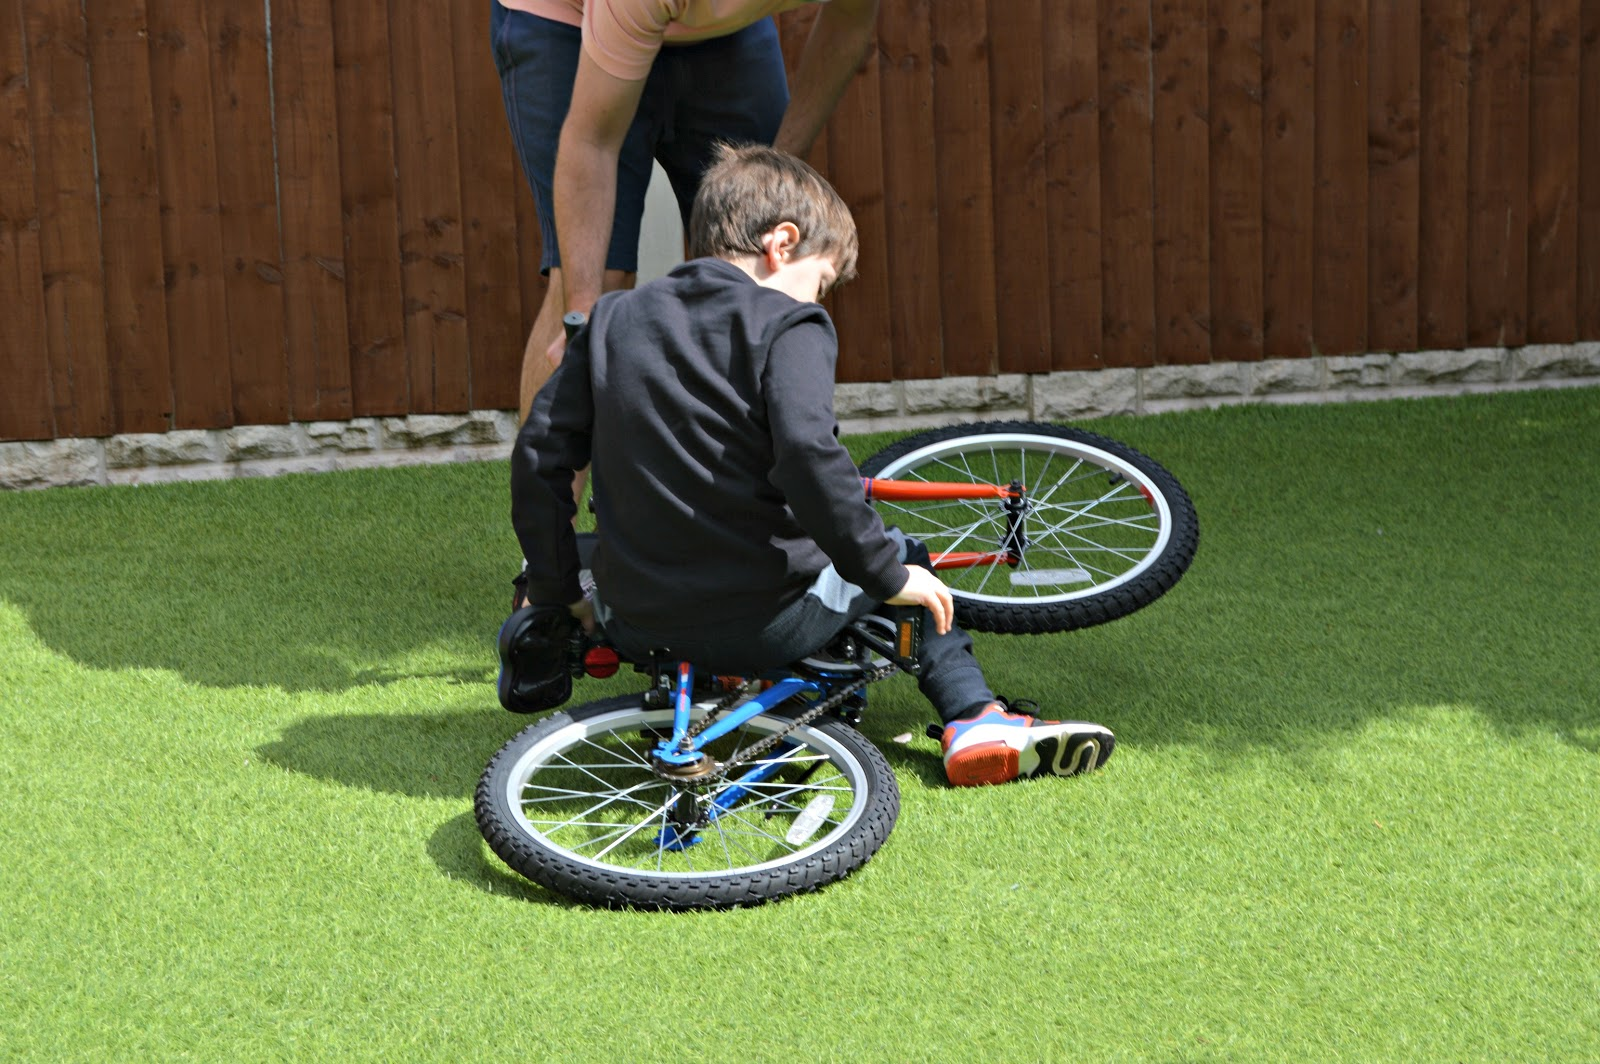 Boy fell off his bike